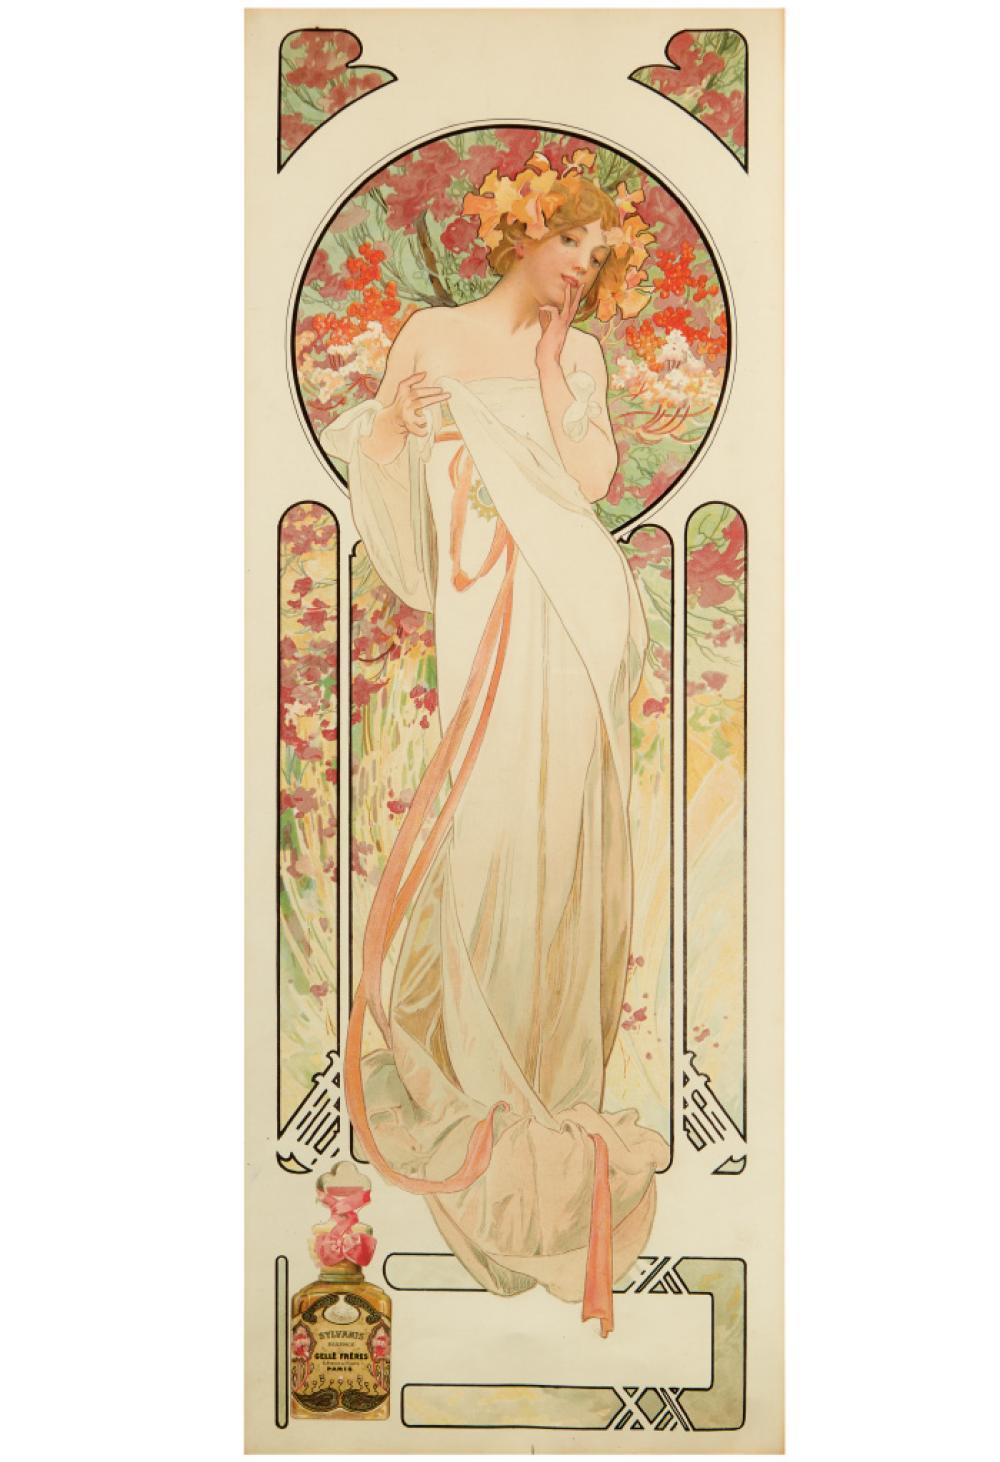 ALPHONSE MUCHA (1860-1939). [PARFUMERIE GELLÉ FRÈRES / SYLVANIS ESSENCE.] 1899. 24x9 inches, 61x23 cm. [F. Champenois, Paris.]